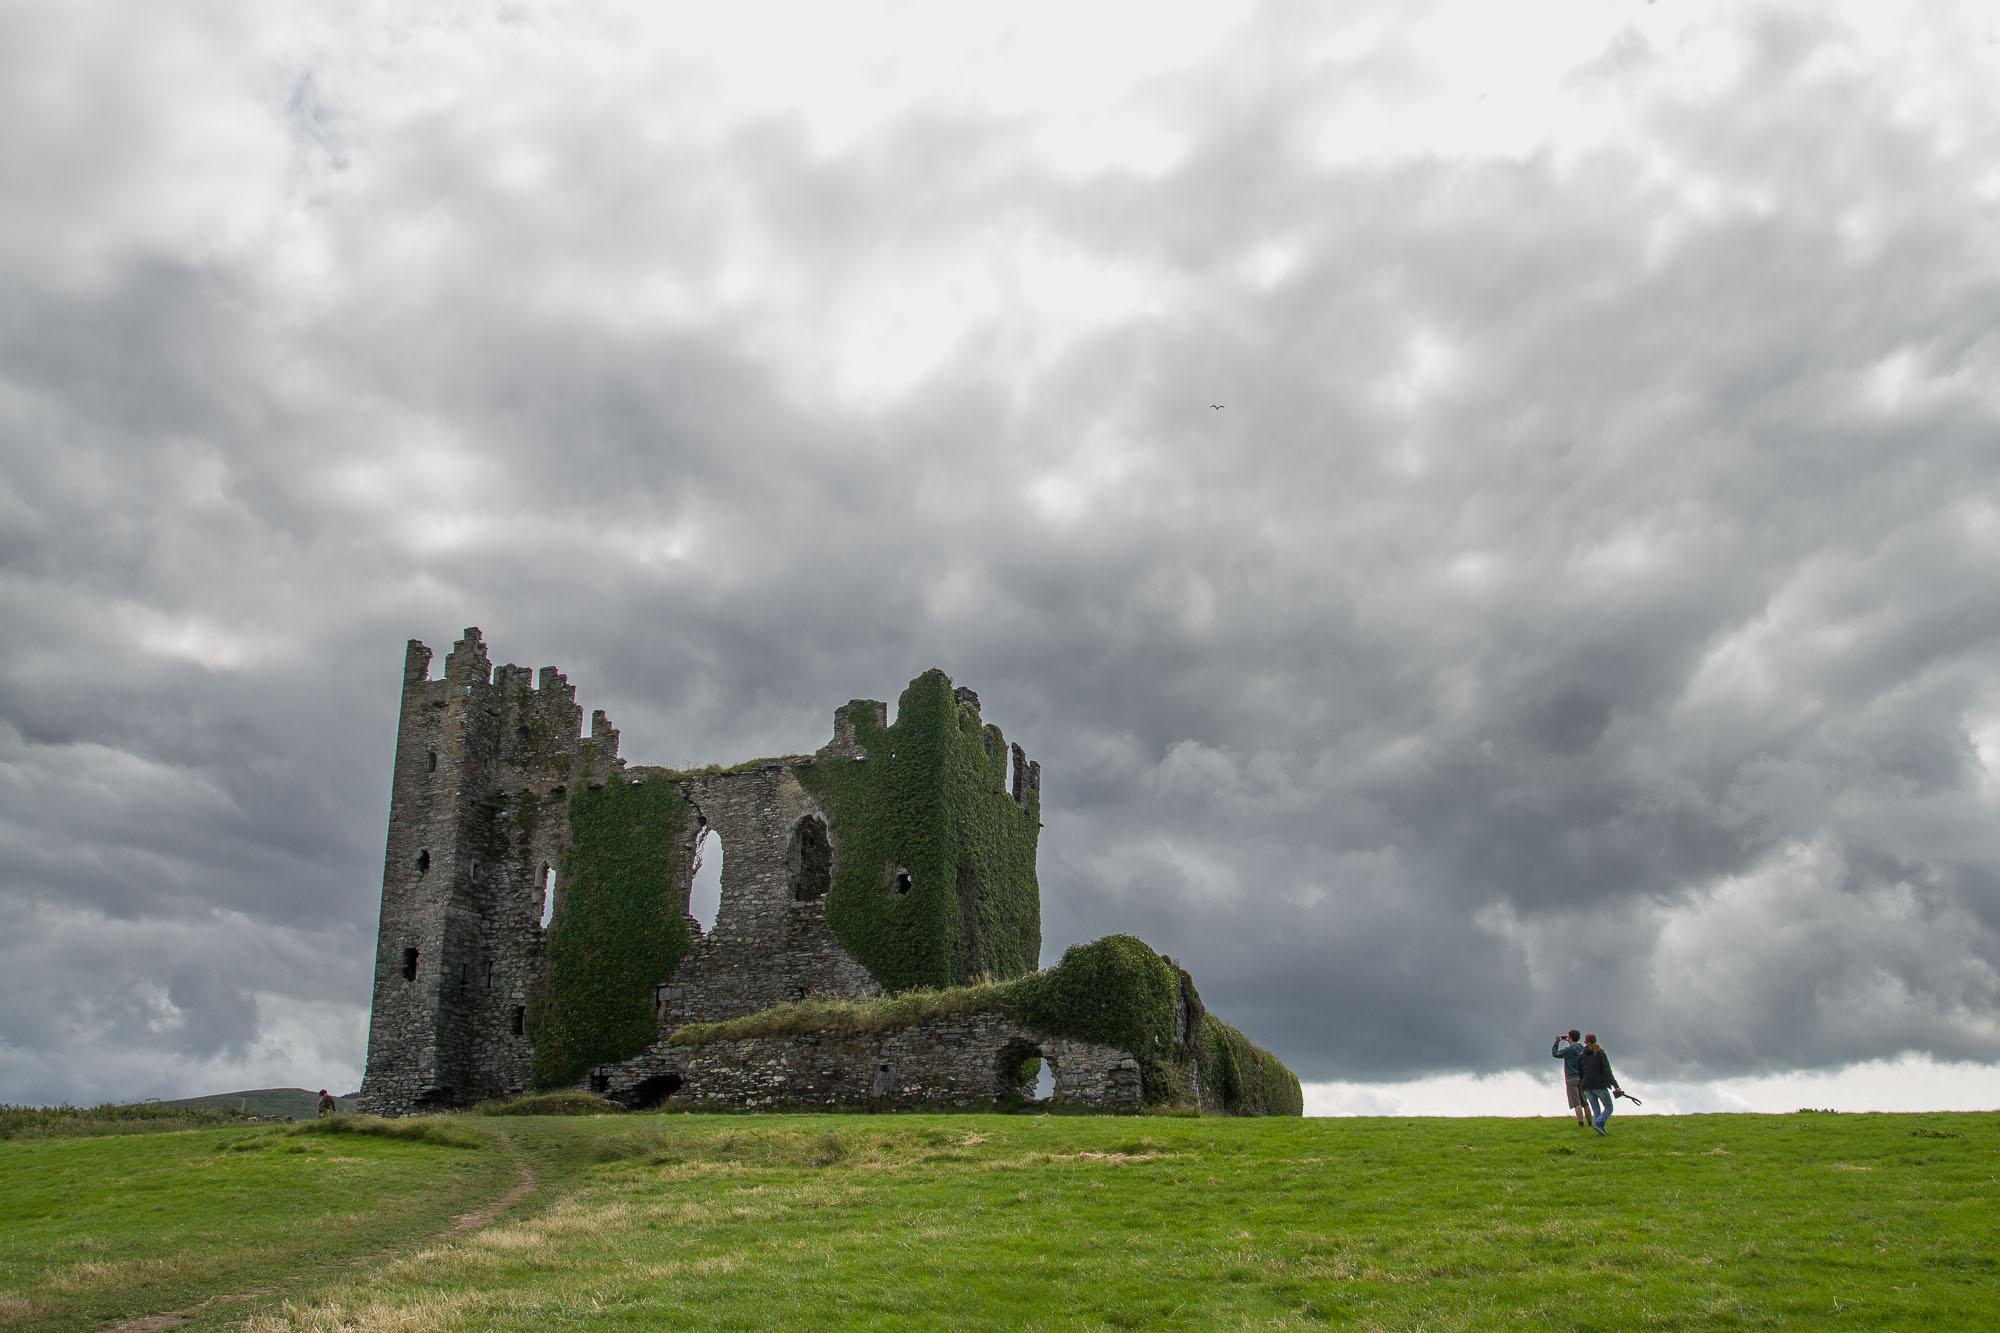 Ballicarbery Castle, côté pile